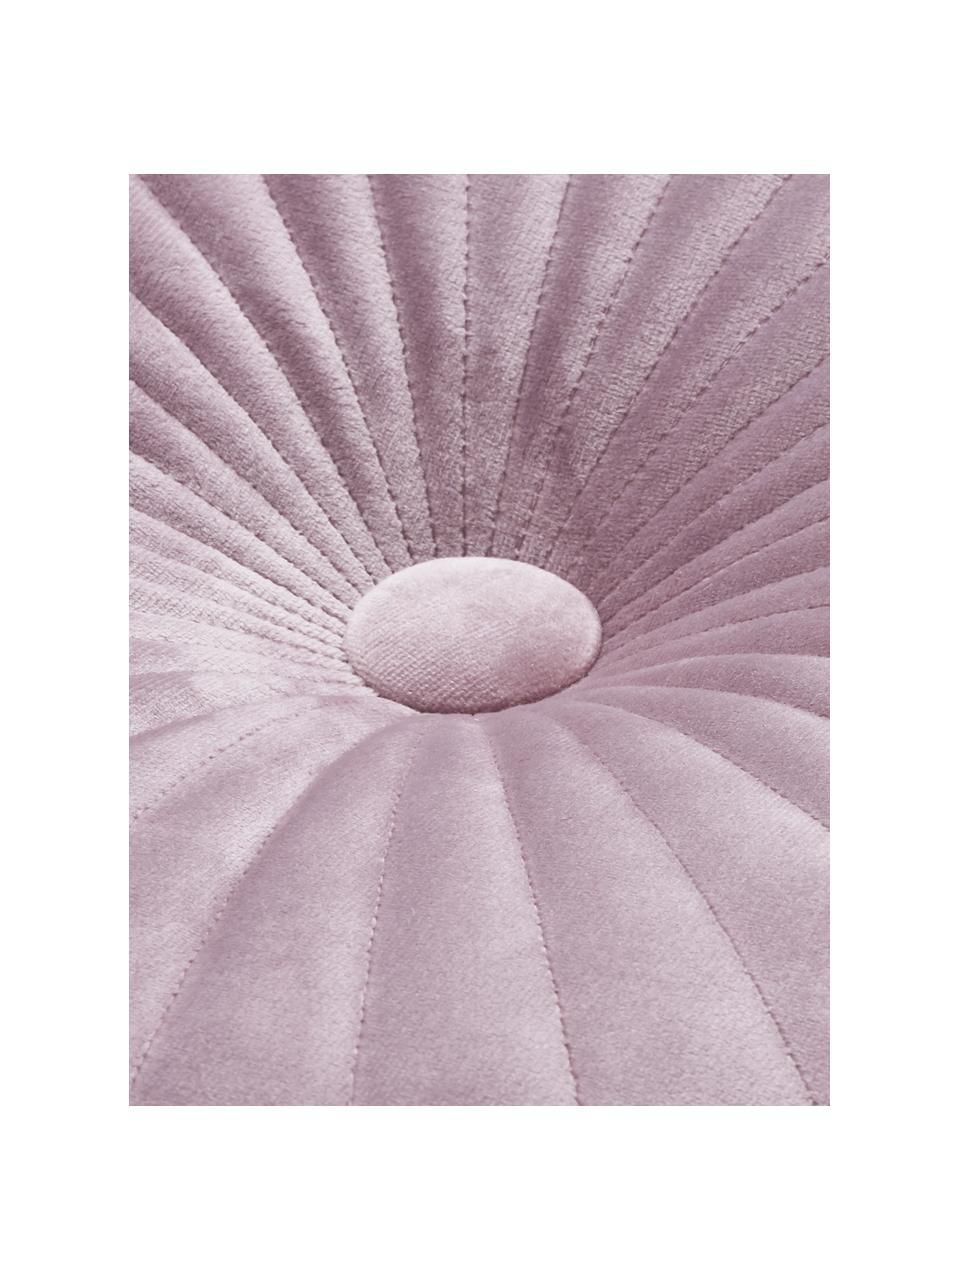 Cuscino in velluto effetto lucido con imbottitura Monet, Rivestimento: 100% velluto di poliester, Rosa cipria, Ø 40